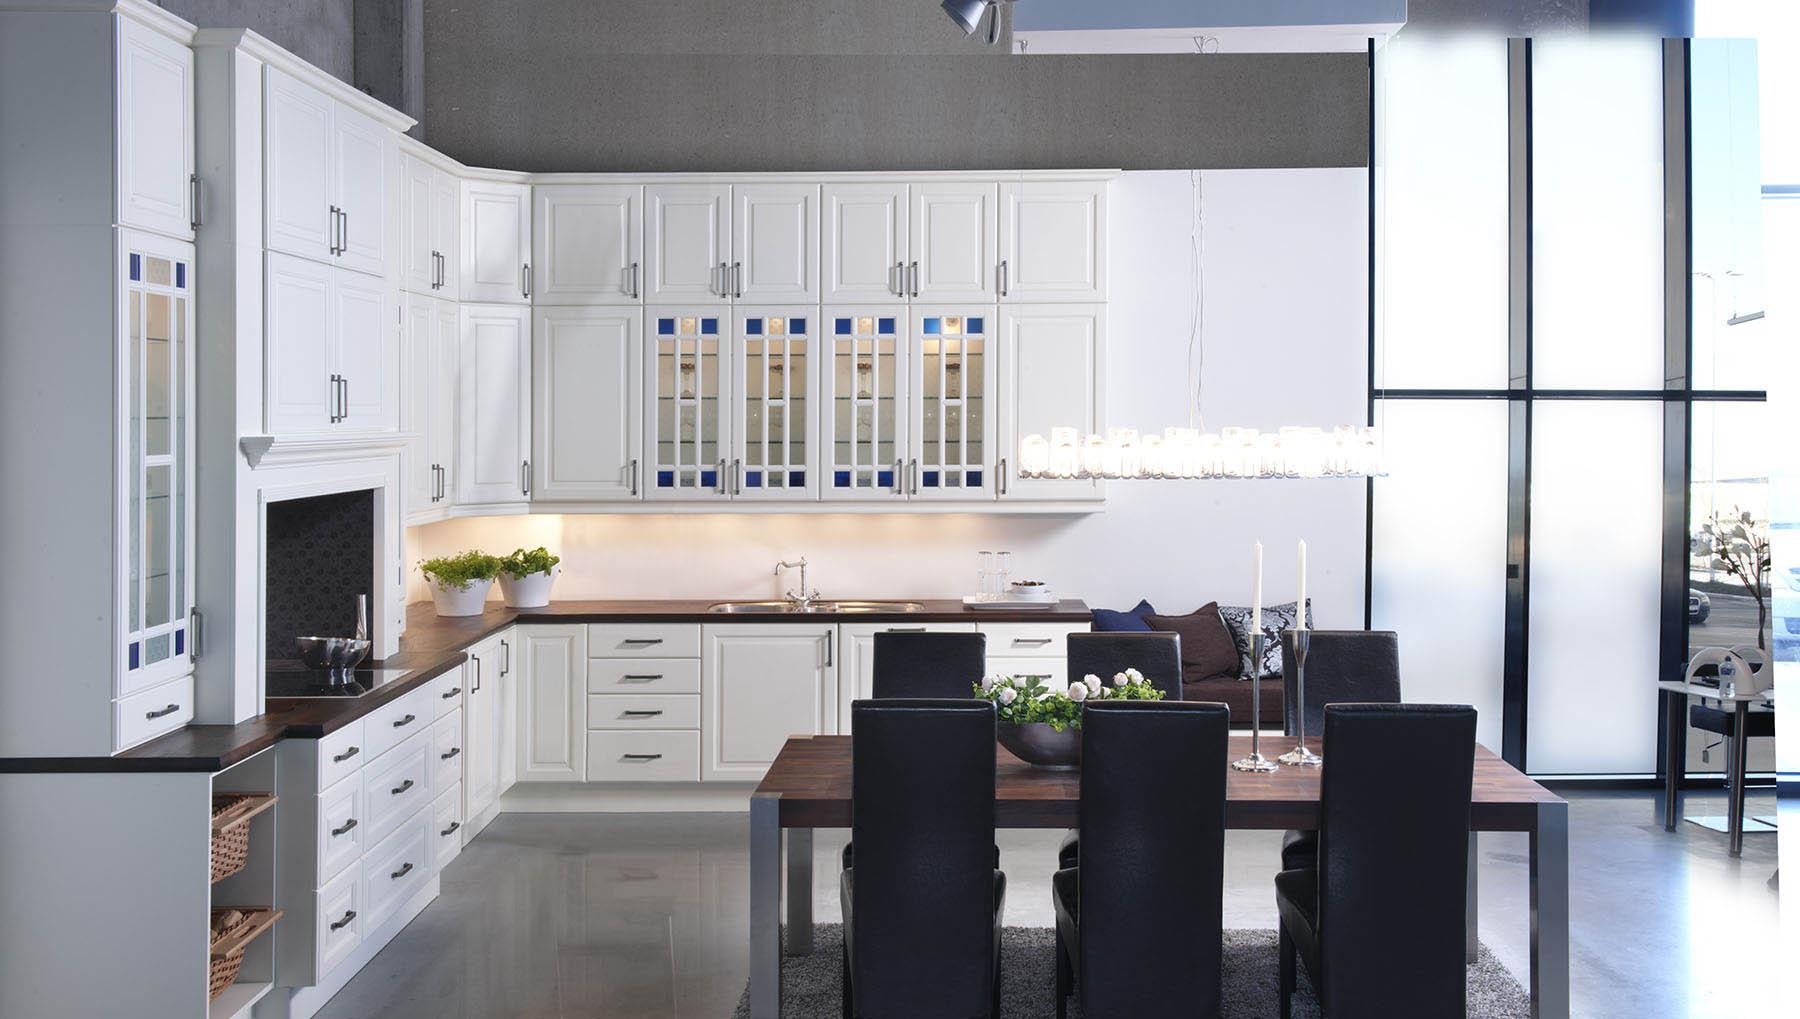 Kjøkkenskap med fargete glassfronter